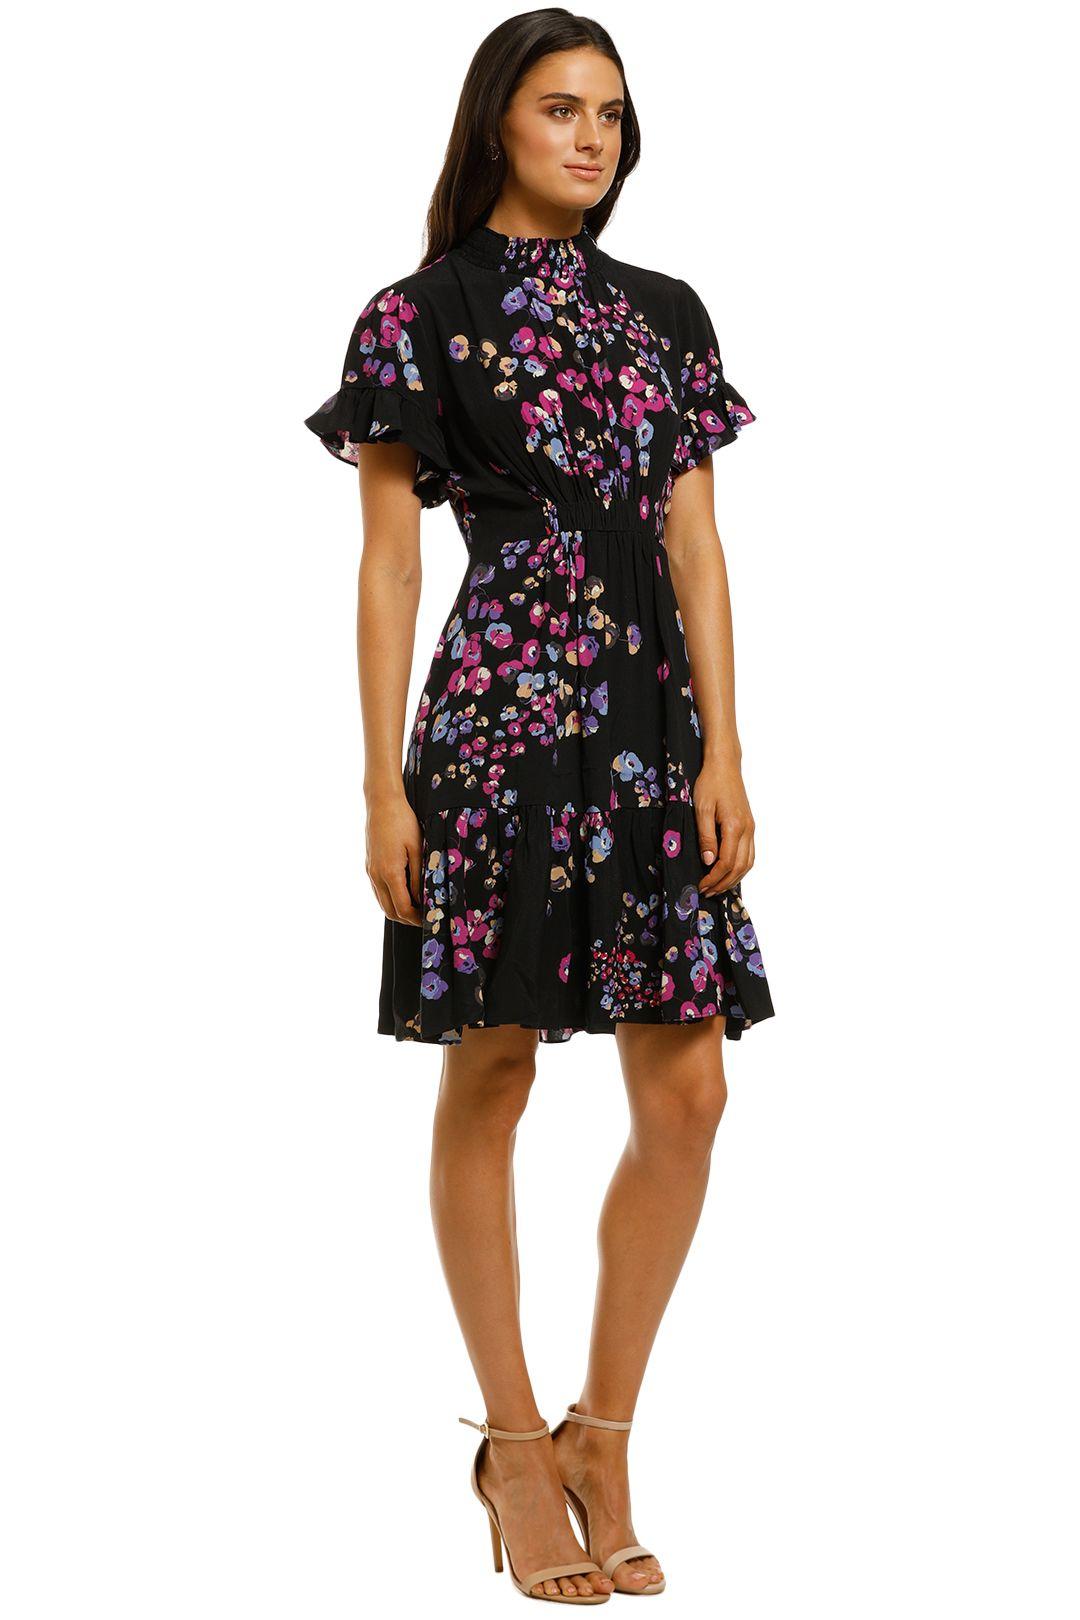 Husk-Flora-Dress-Floral-Burst-Side